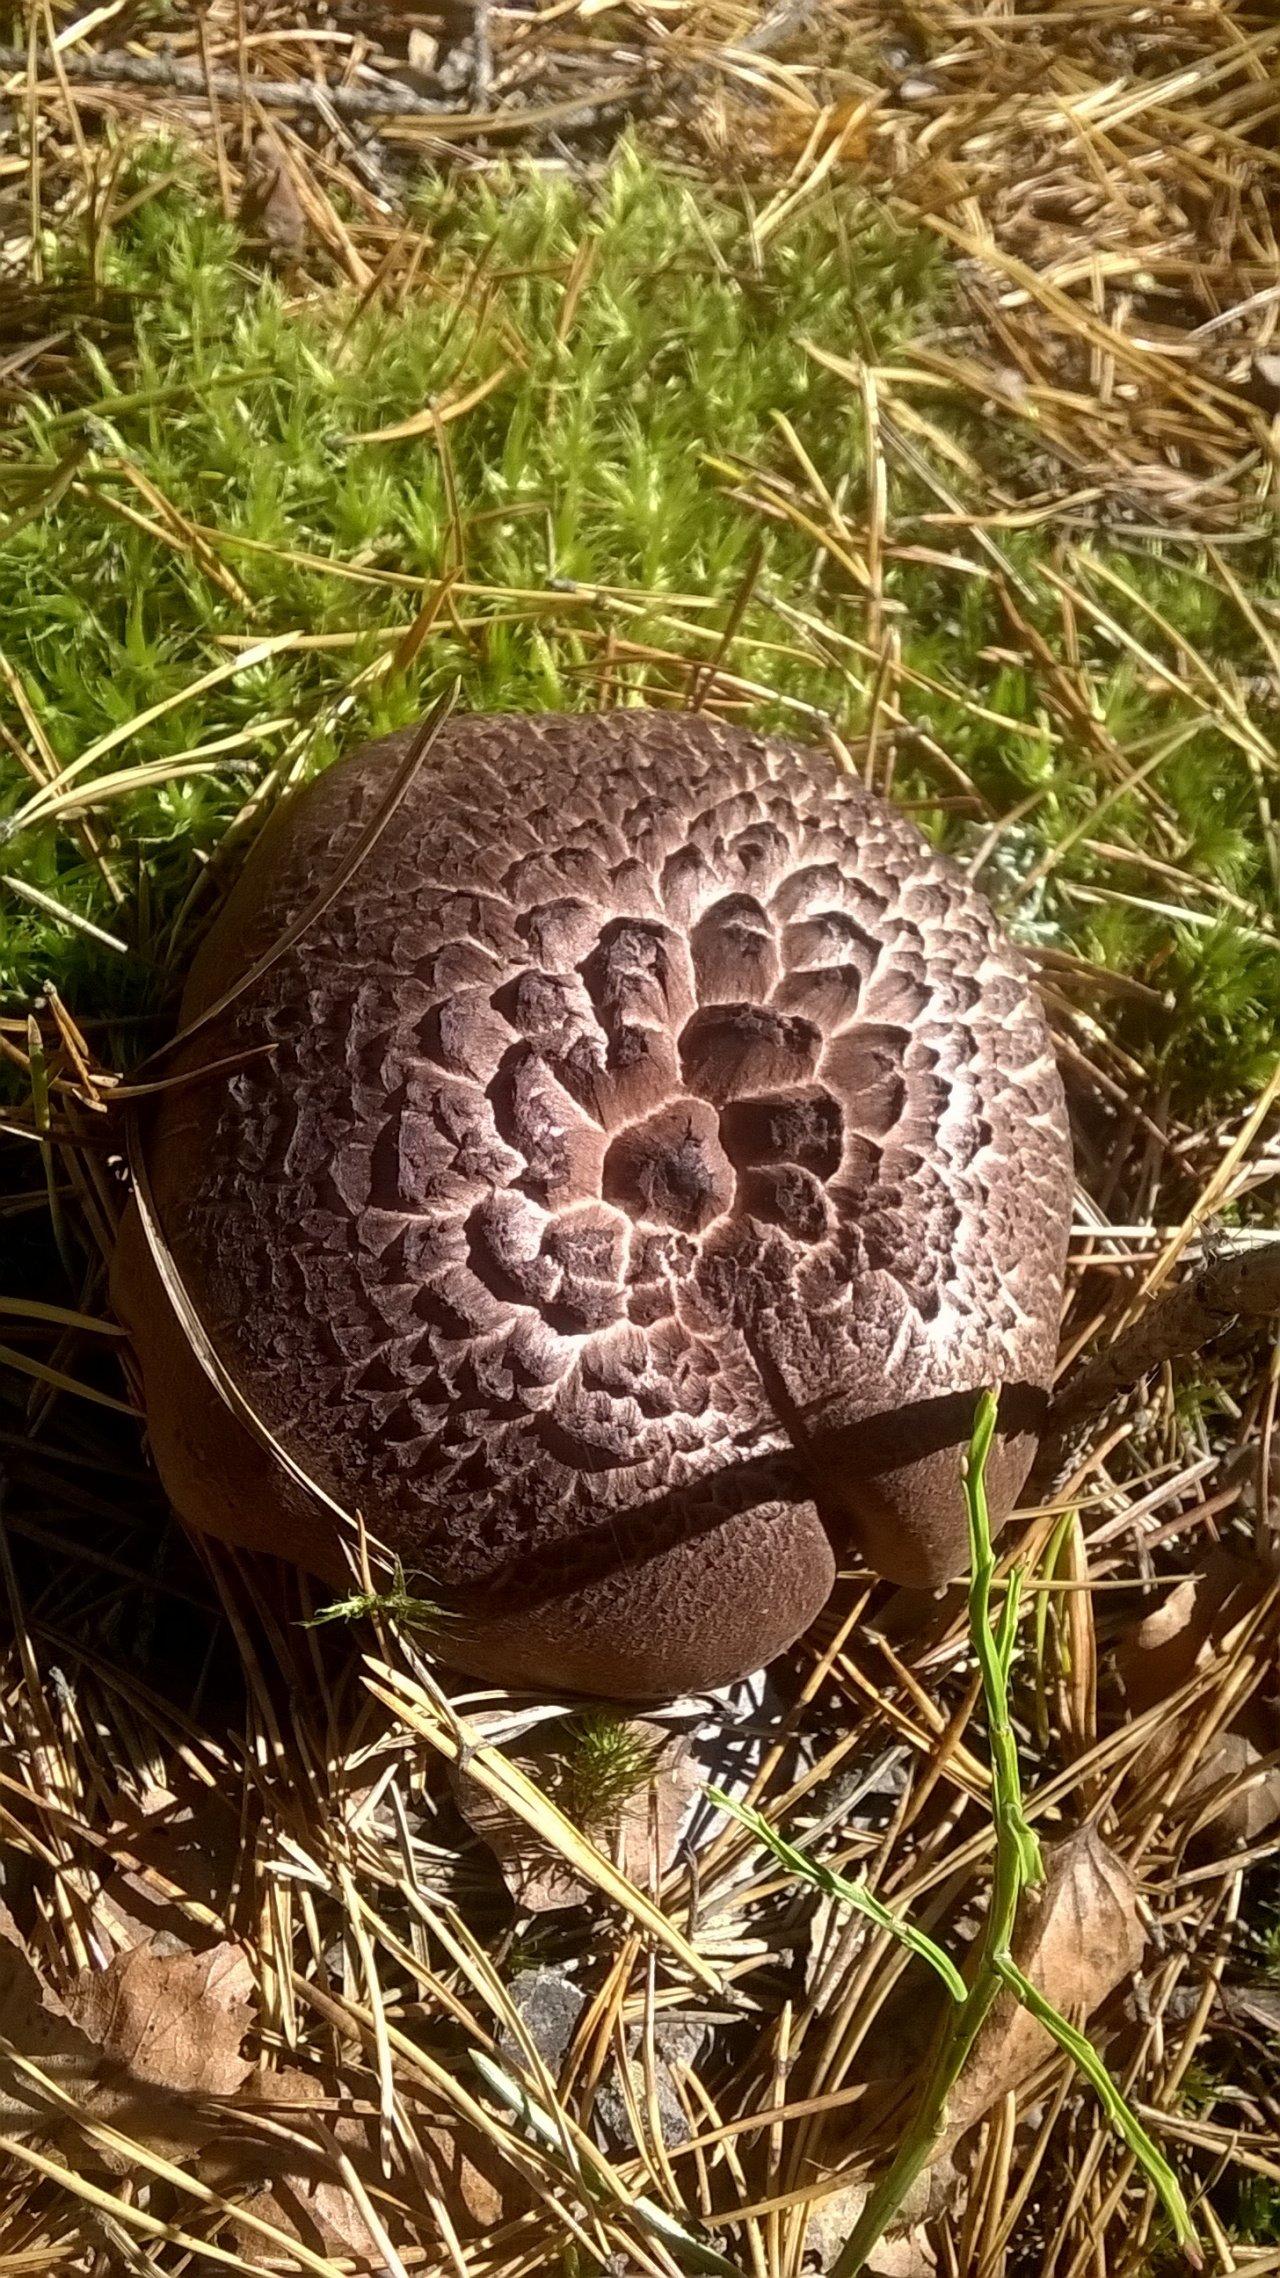 земляной гриб фото представляем вам прогноз